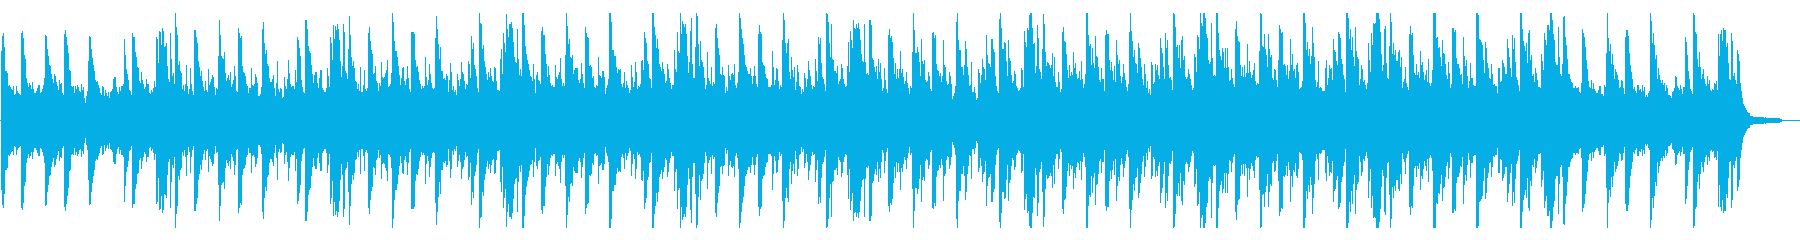 【リズム無し】企業VP・CM ピアノの再生済みの波形